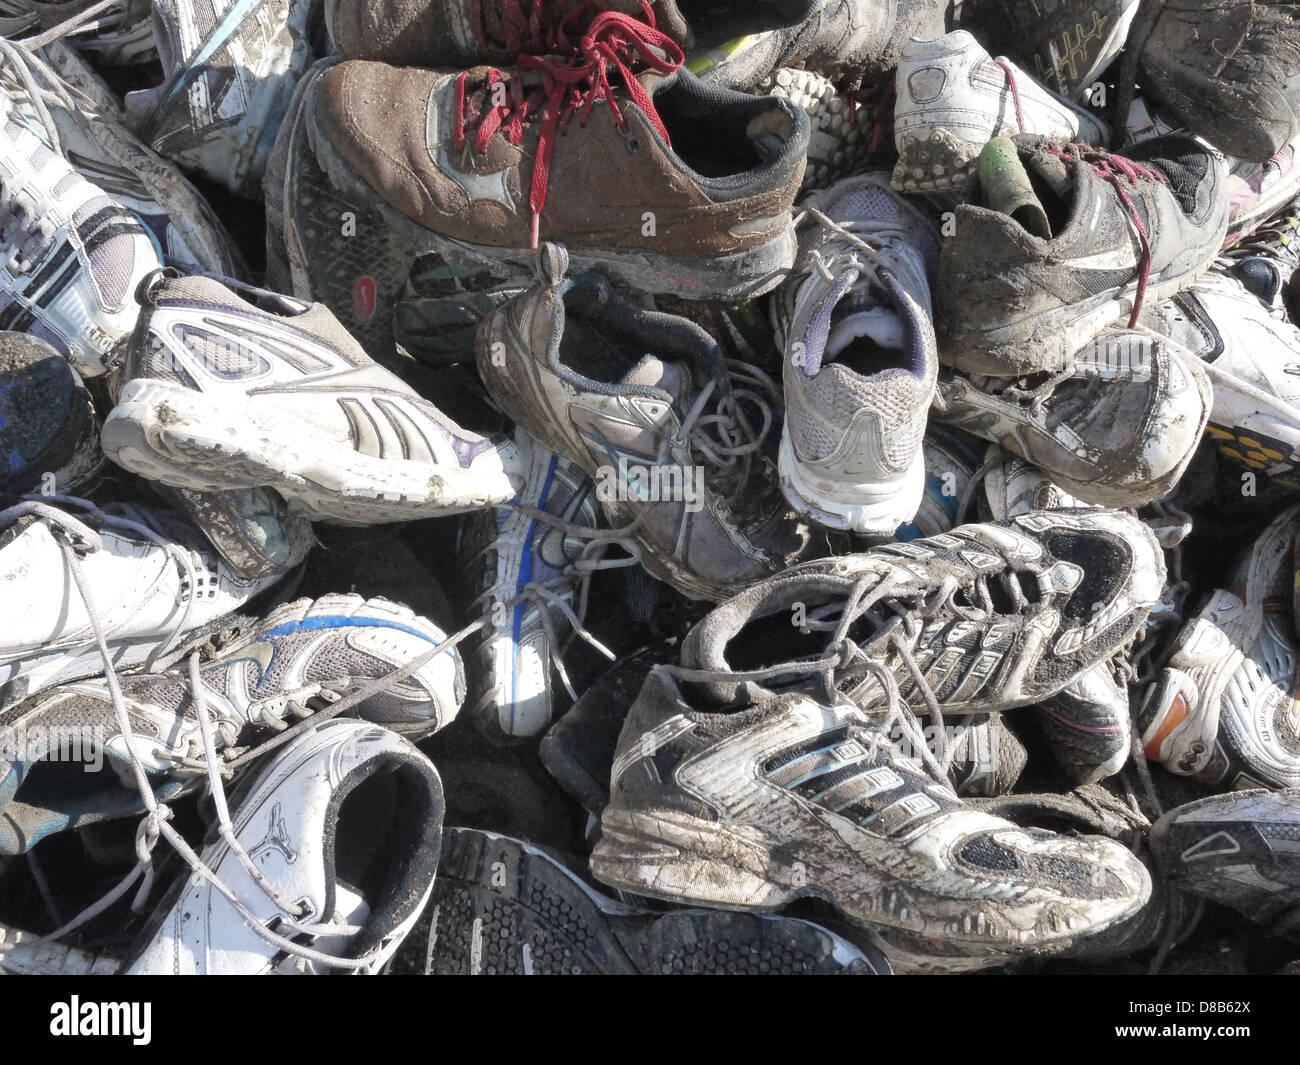 garbage dirty landfill - Stock Image